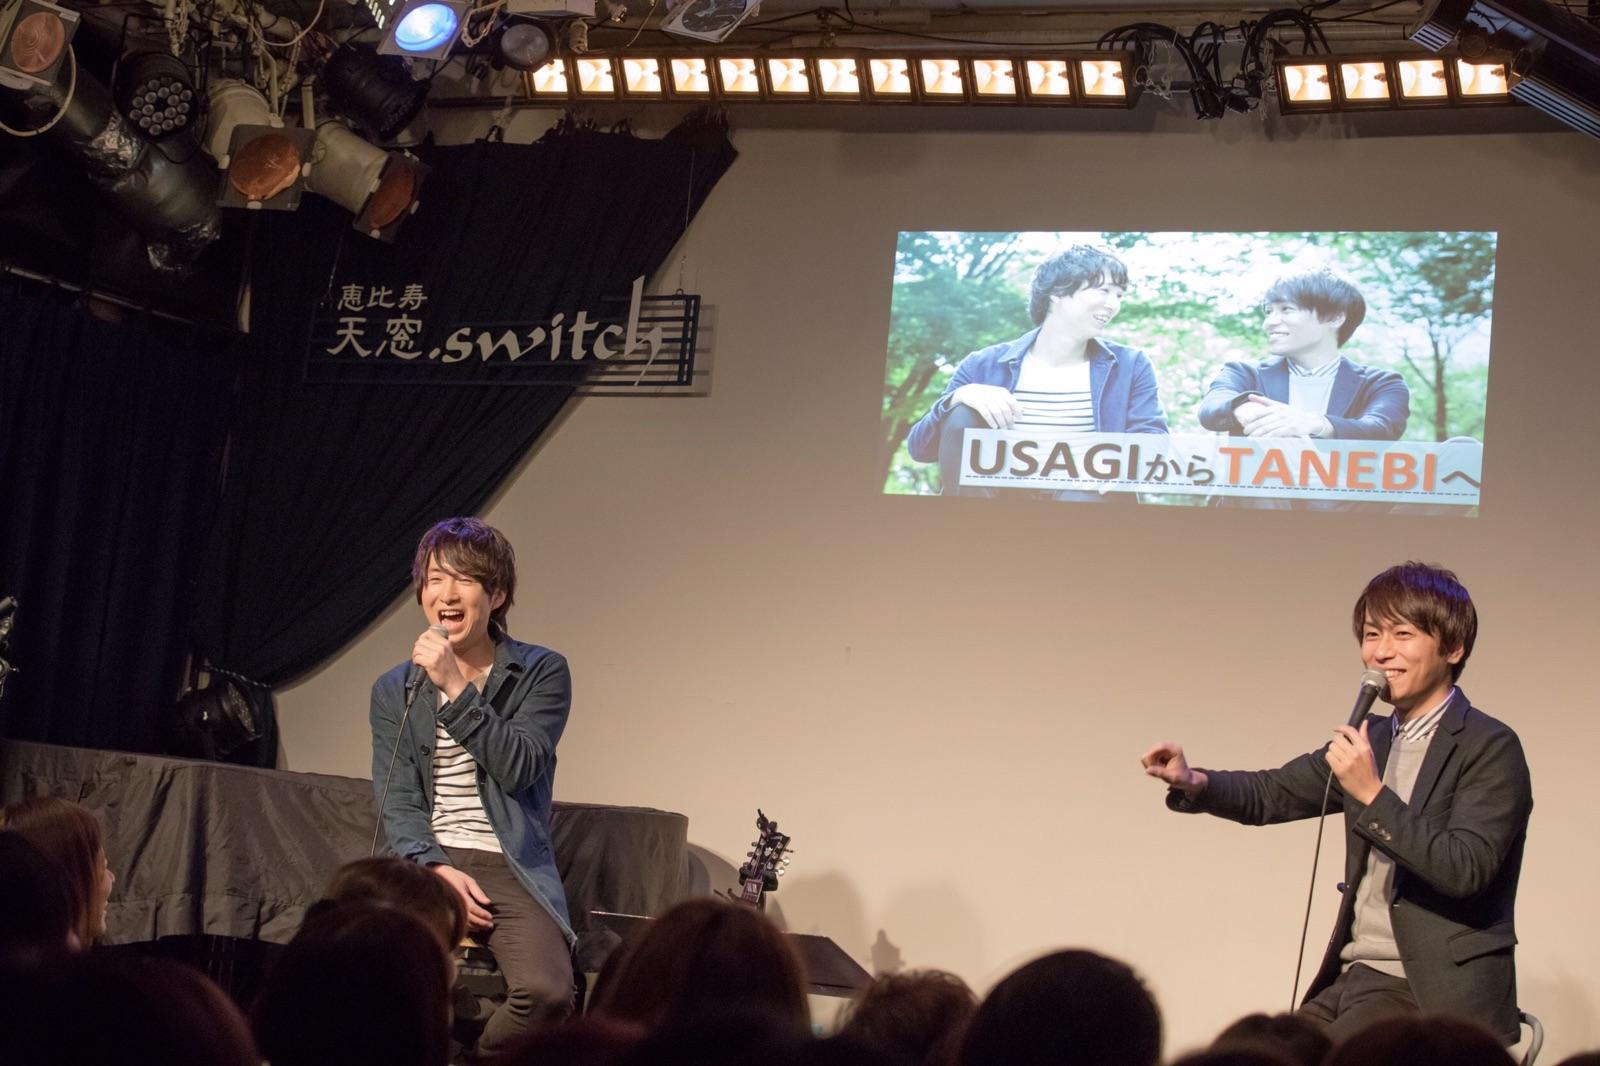 TANEBI トークライブ〜僕らの再勇記〜